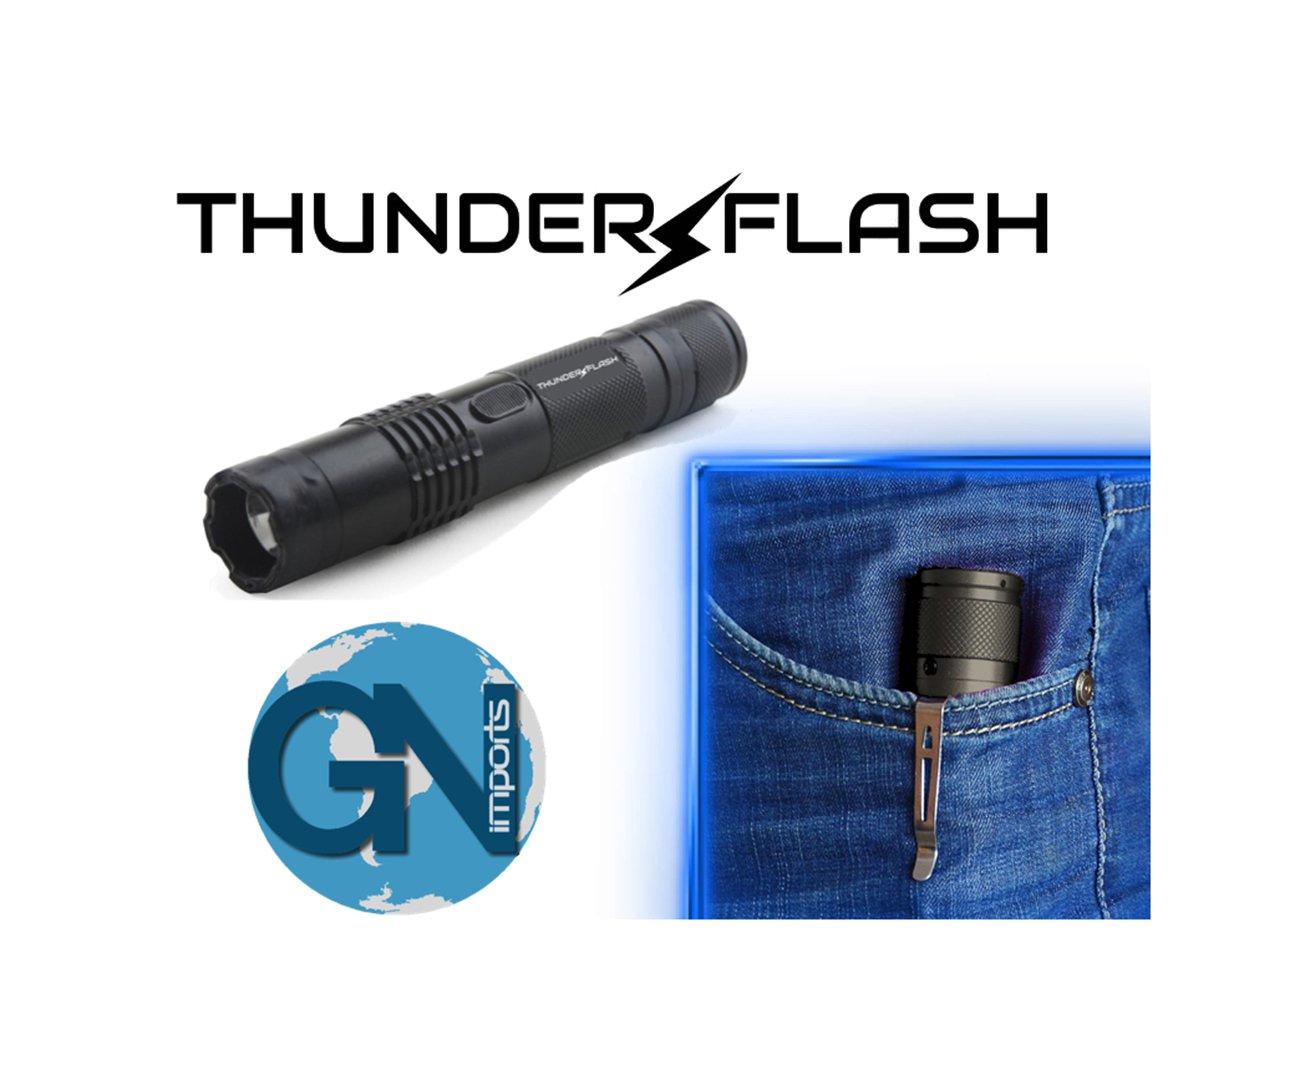 Aparelho De Choque Thunder Flash + Lanterna Tatica Portatil  - Gn Imports